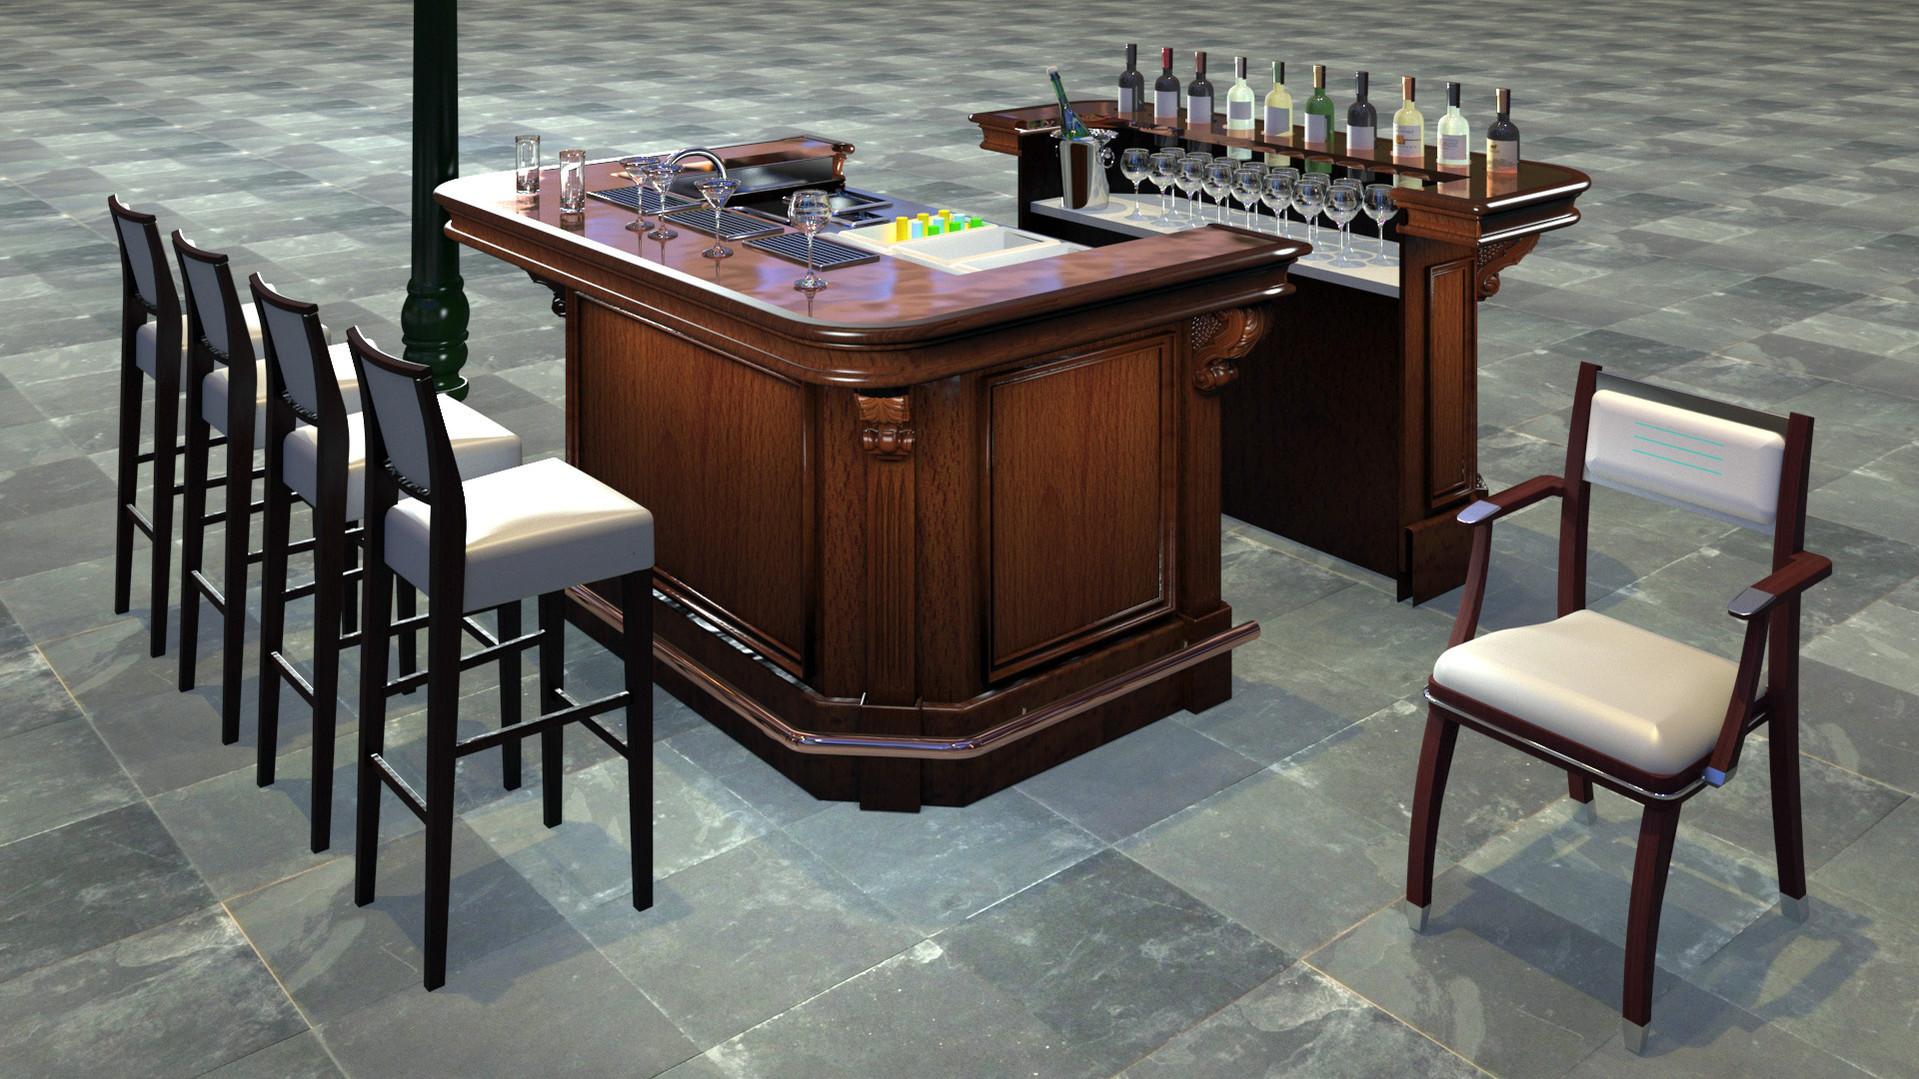 Mobile Cocktail Bar. St Tropez